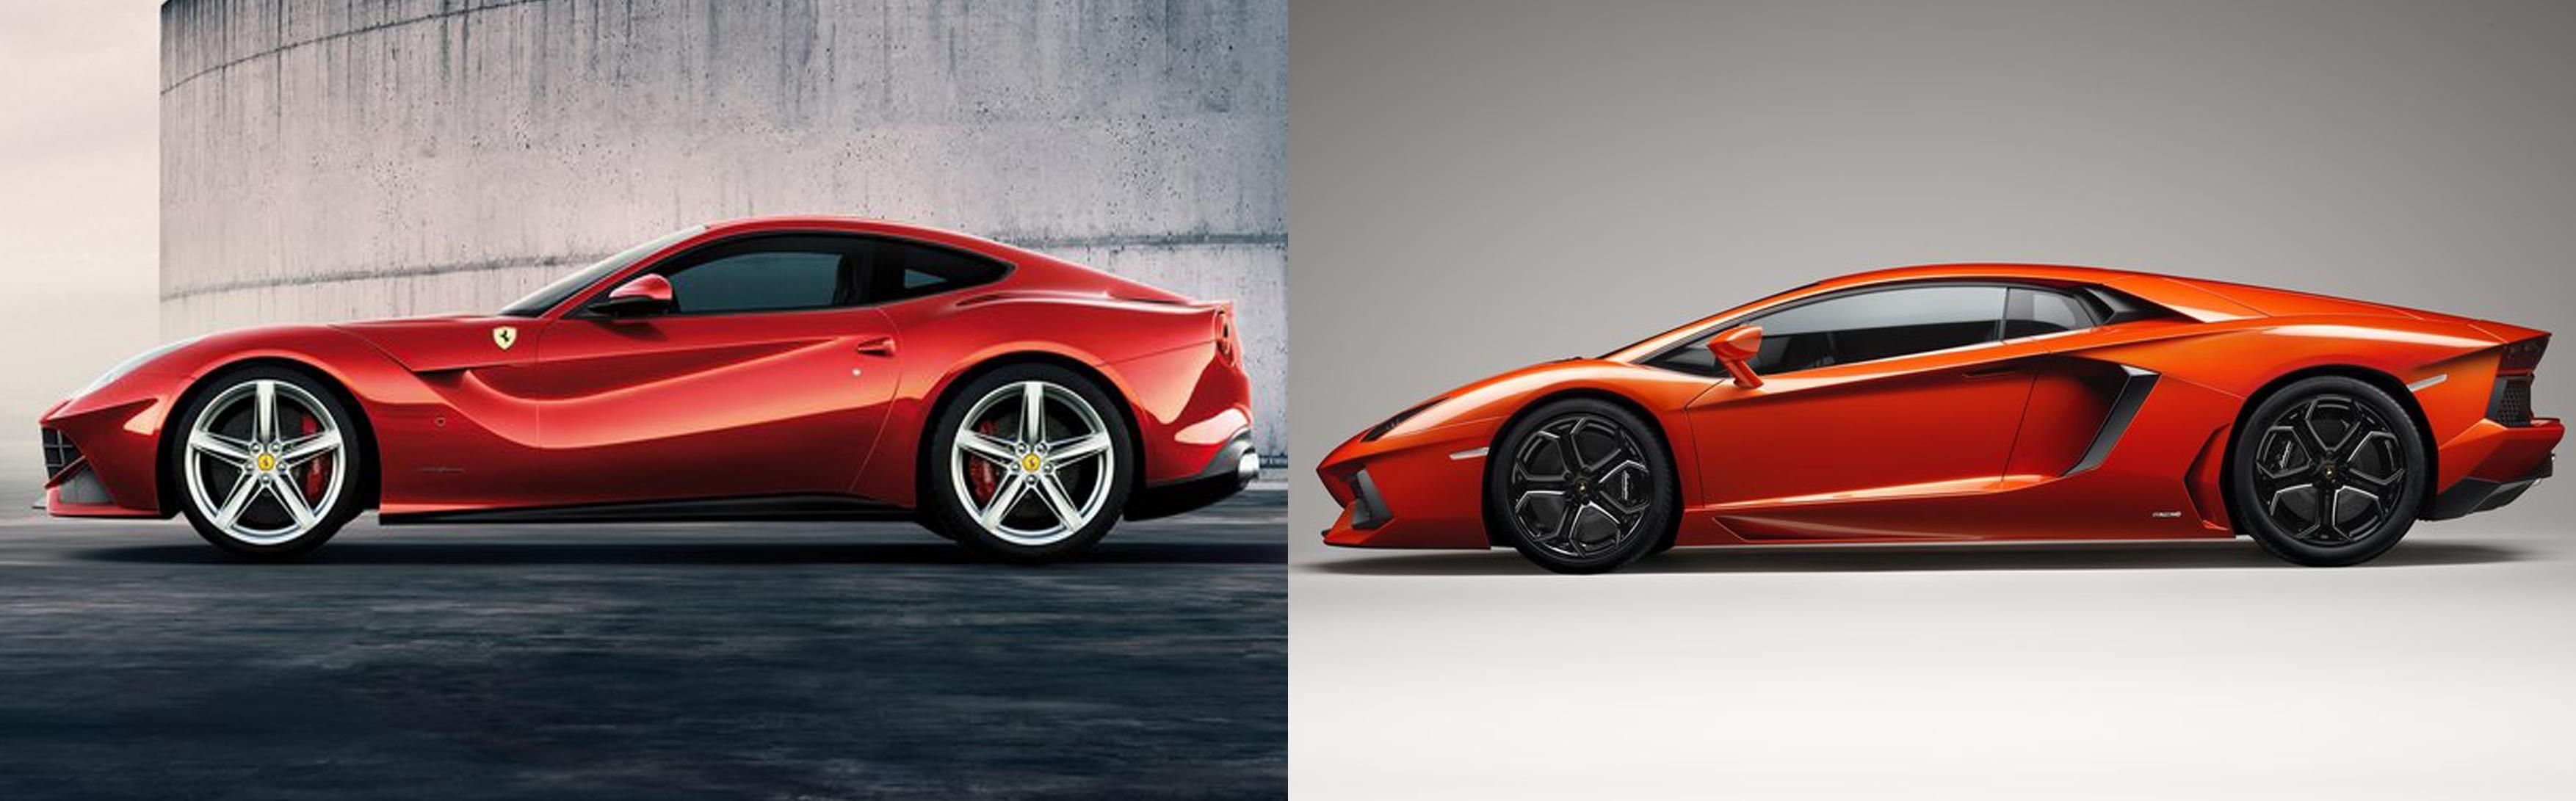 Ferrari F12 Berlinetta or Lamborghini Aventador? | Fiat ...